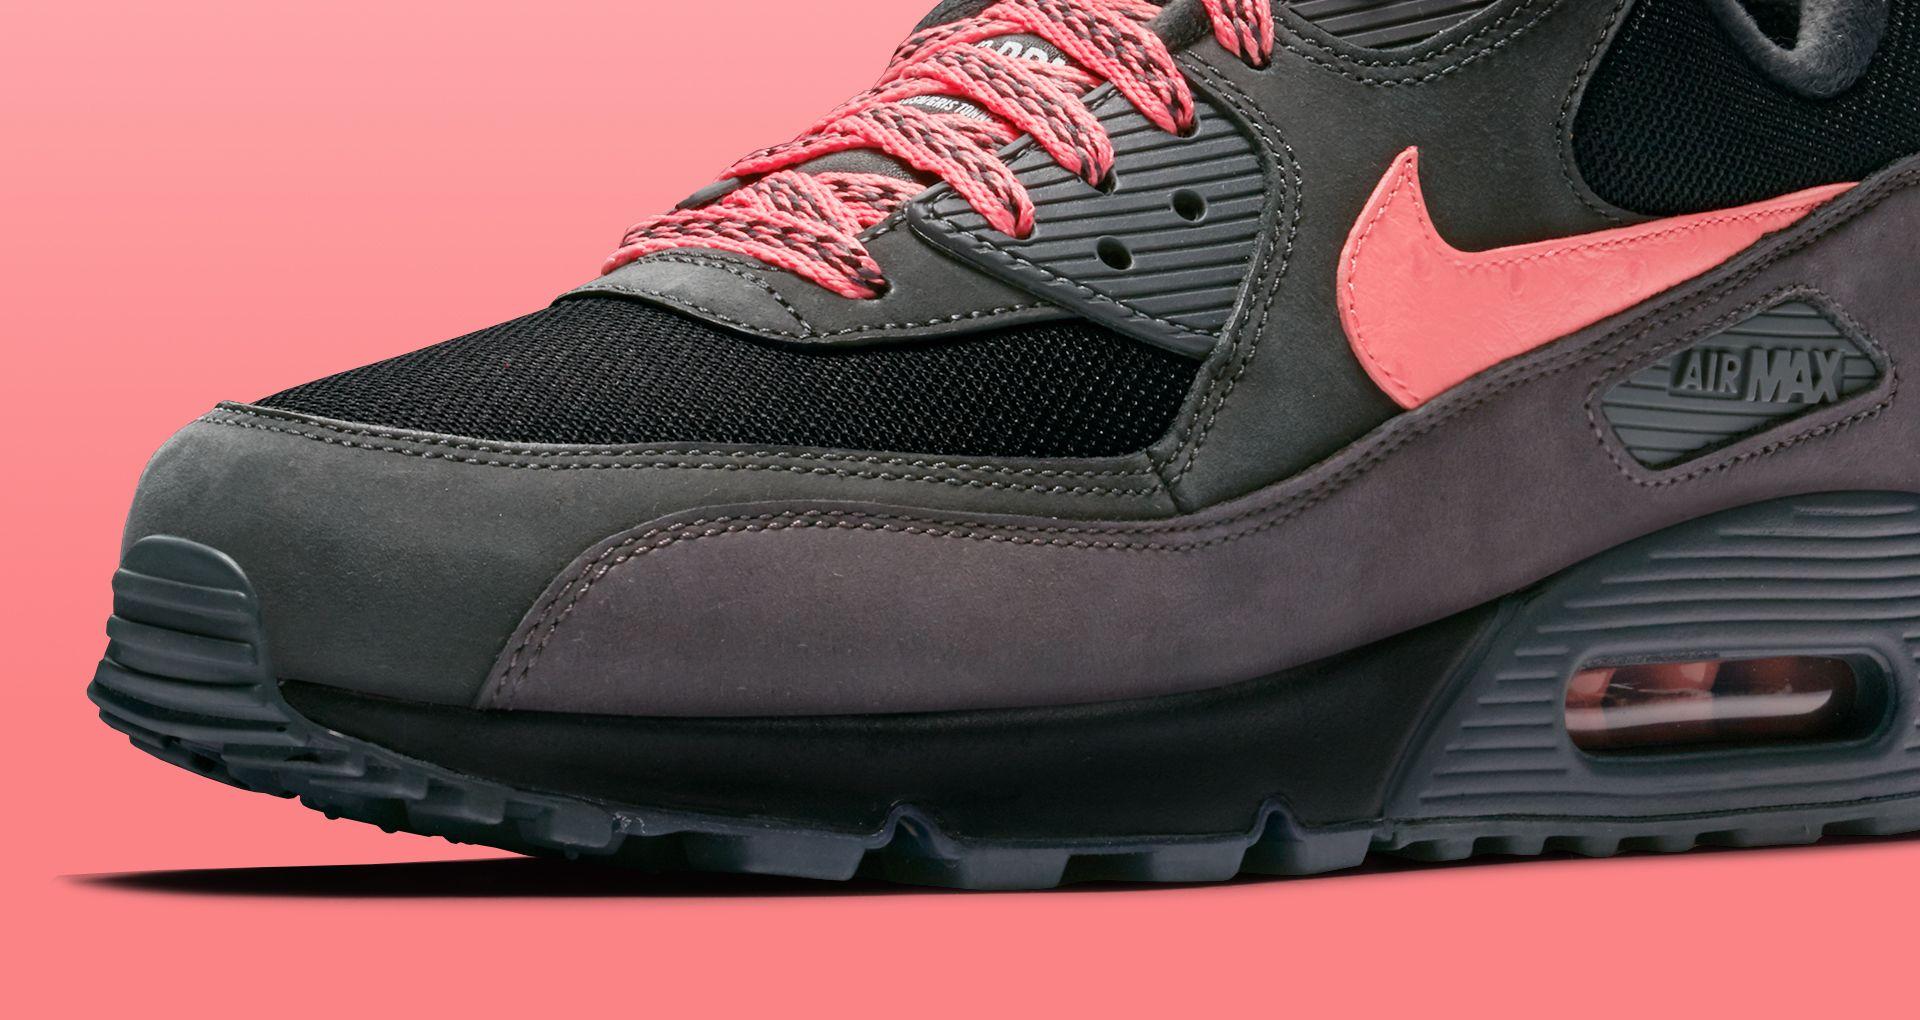 Nike Air Max 90 : Le magasin phare officiel désigné par le